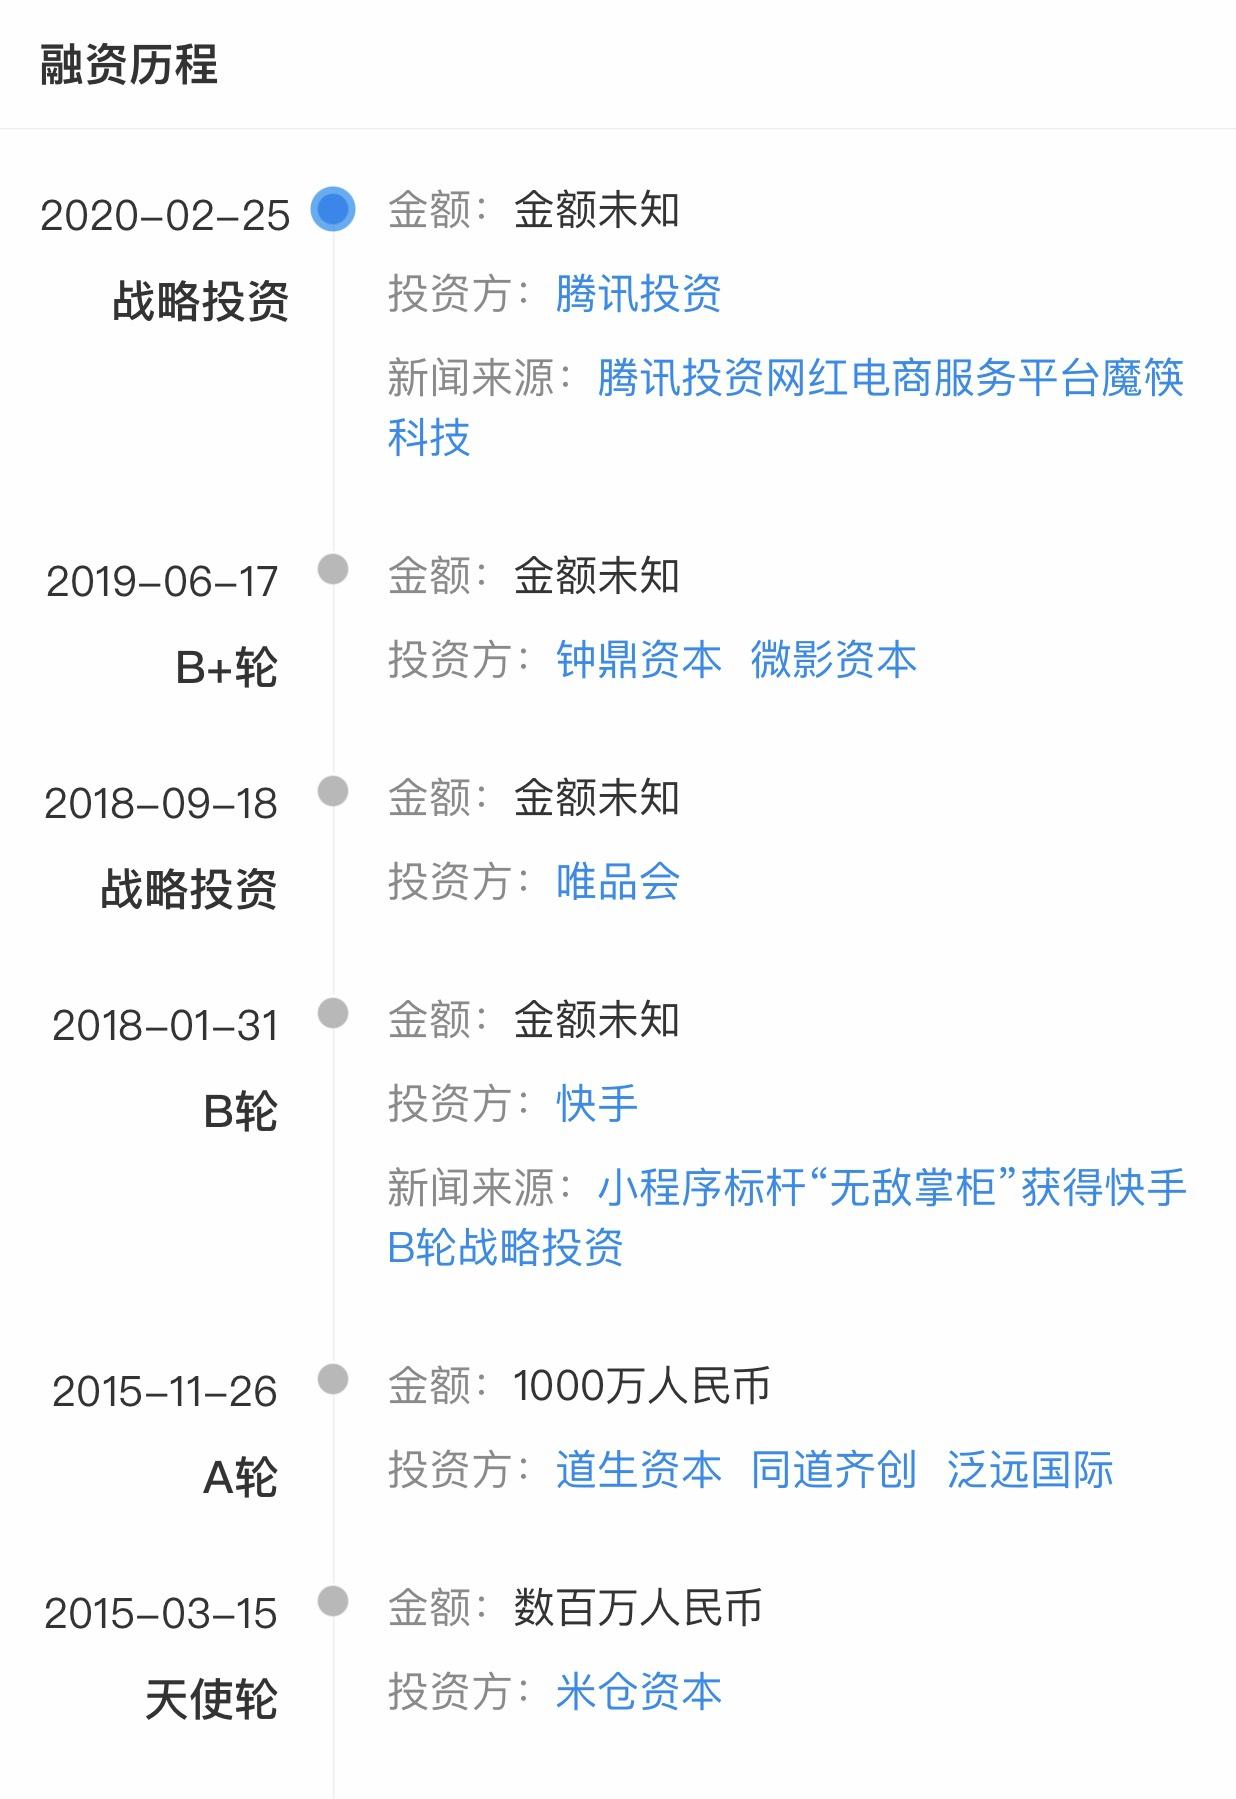 36氪独家 | 网红电商服务平台魔筷科技完成数亿元C轮融资,此前曾获快手、腾讯战略投资